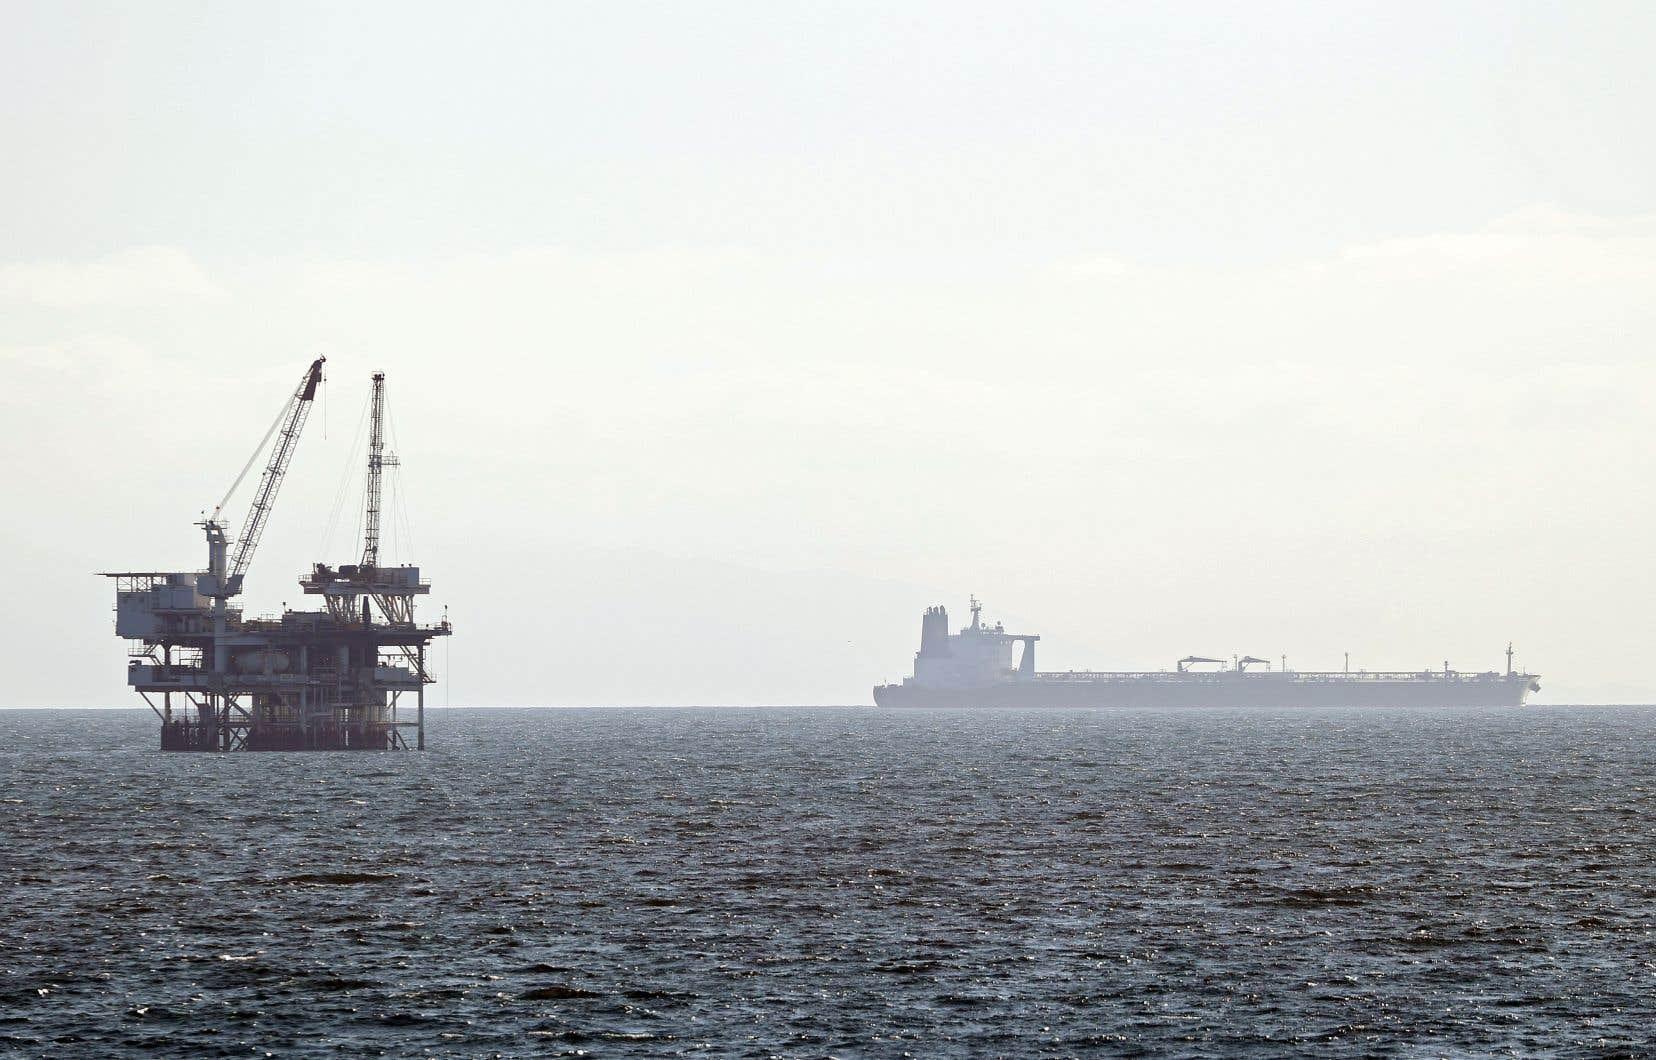 Avec la reprise de l'activité économique, la demande pour le pétrole a repris de la vigueur, et le prix du baril a regagné une partie de la valeur perdue au cours des derniers mois